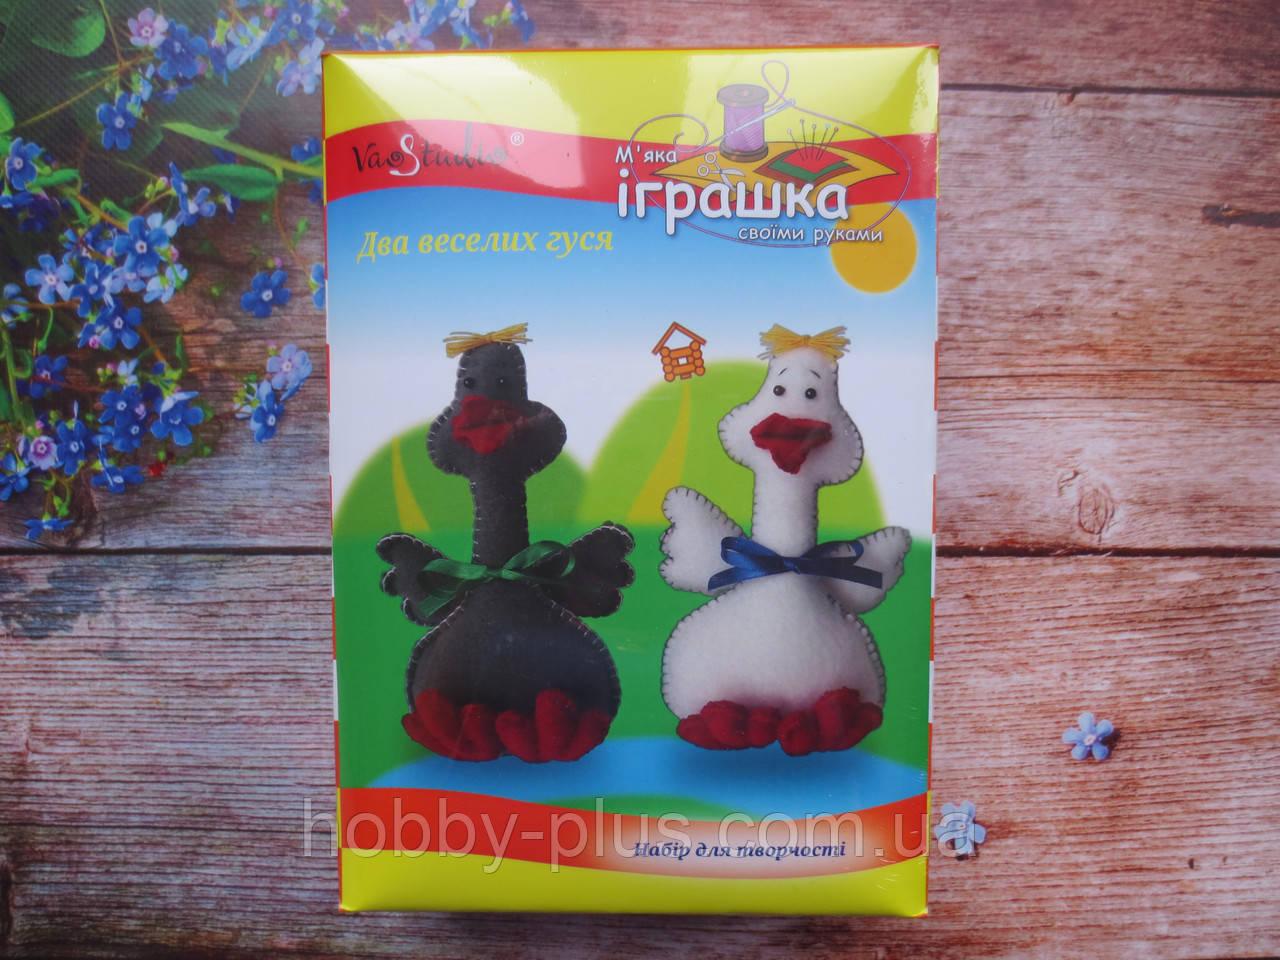 """Набор для творчества """"Два веселых гуся"""", мягкая игрушка своими руками"""